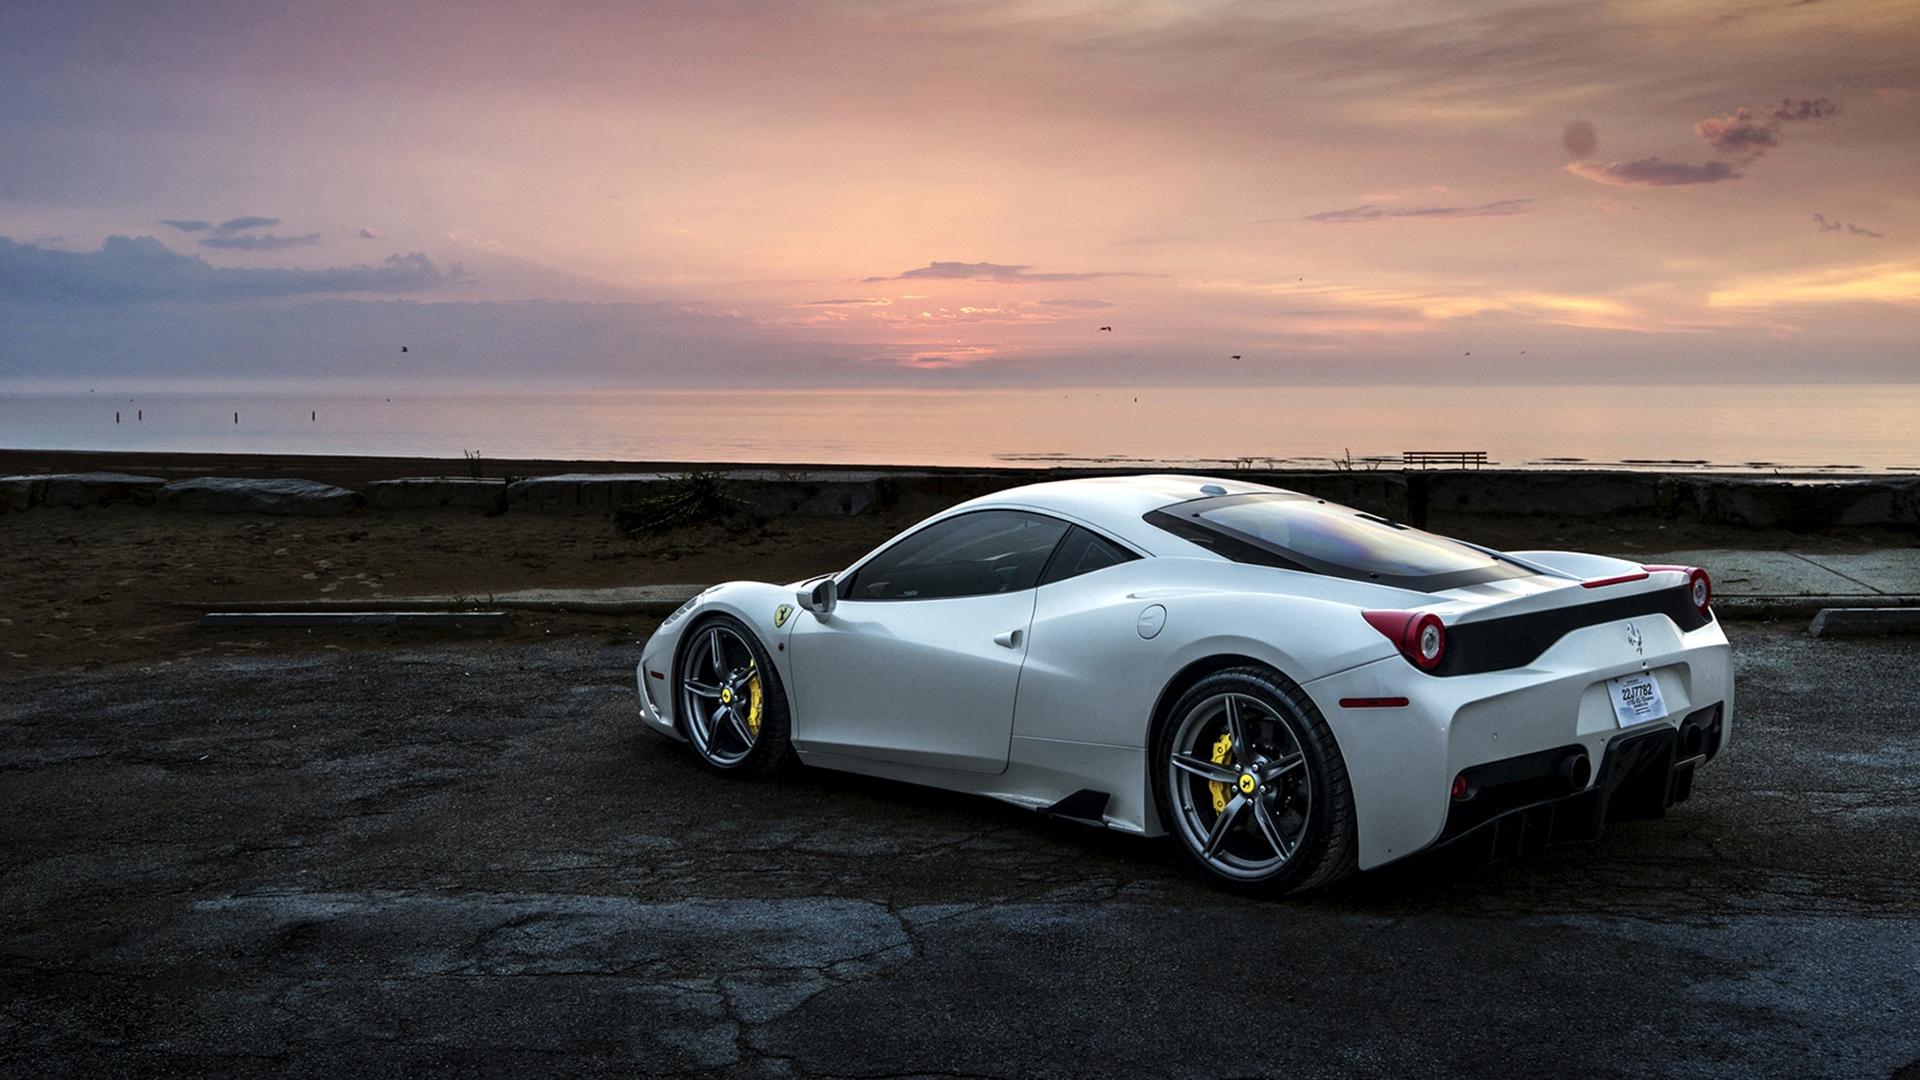 Ferrari Hd 1920x1080 Wallpapers: 1920x1080 Ferrari 458 White Laptop Full HD 1080P HD 4k